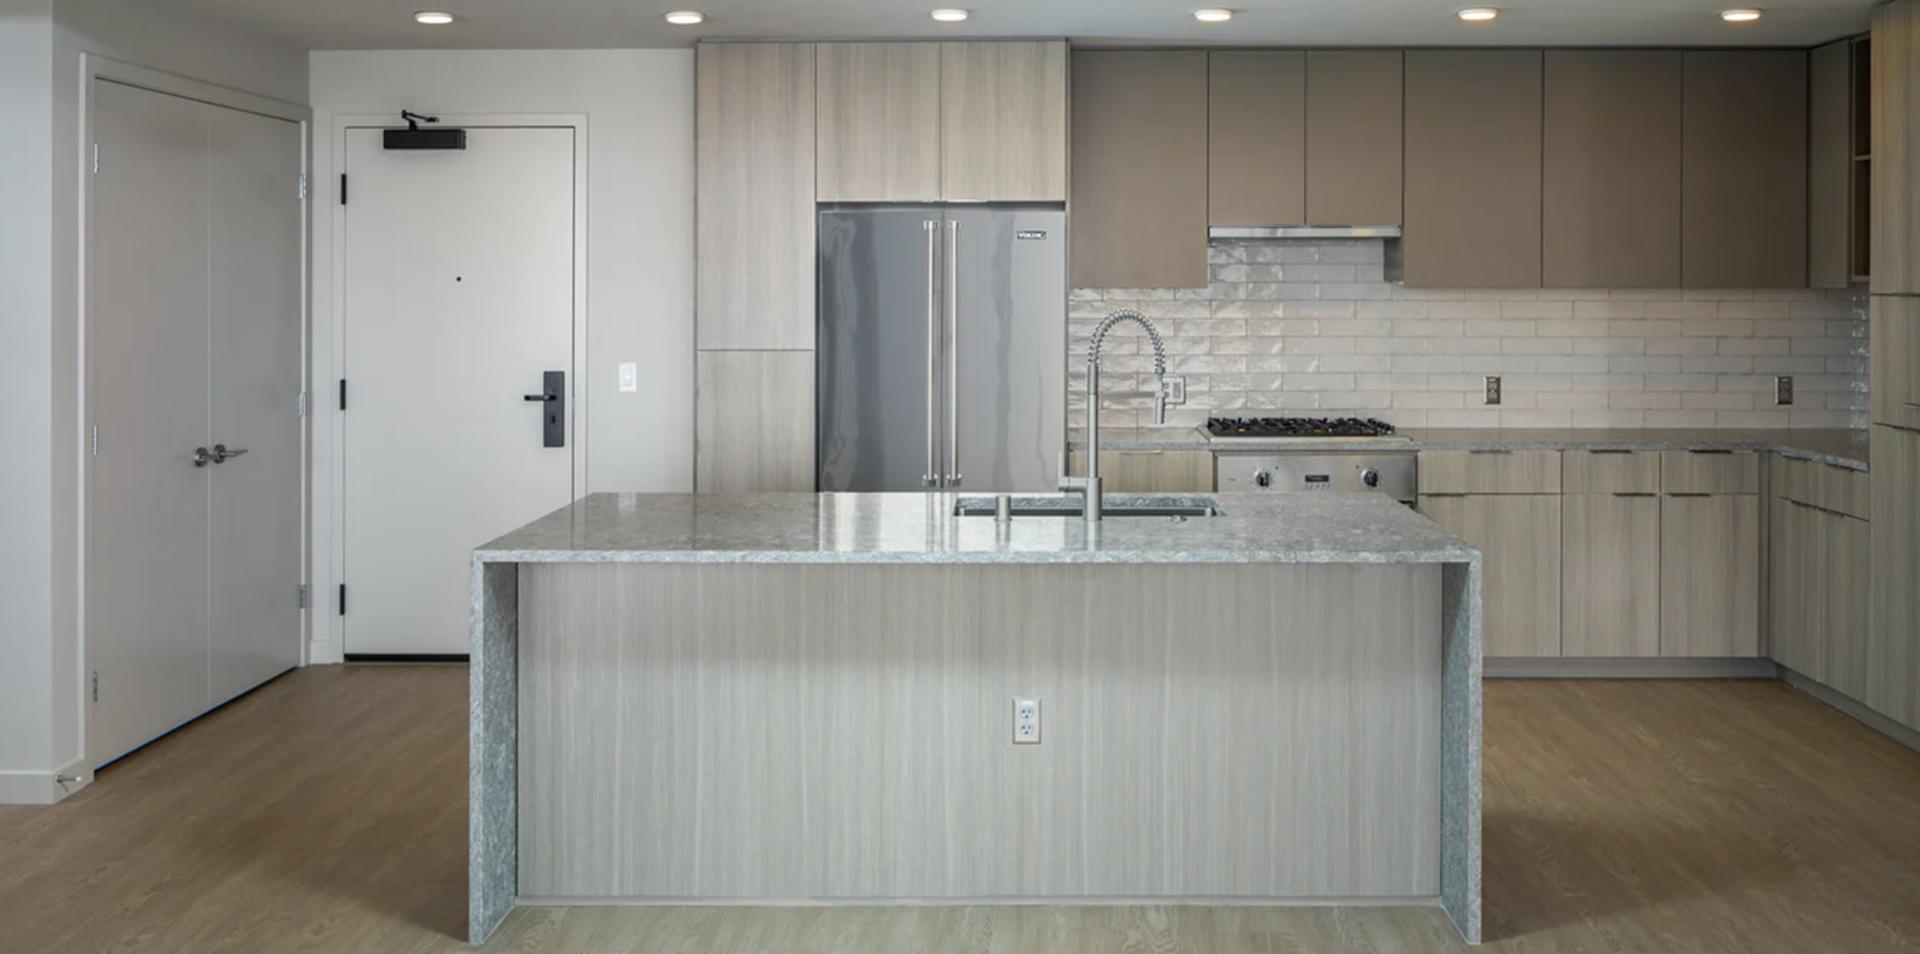 601 11th Avenue #1105, San Diego, CA - $4,895 USD/ month